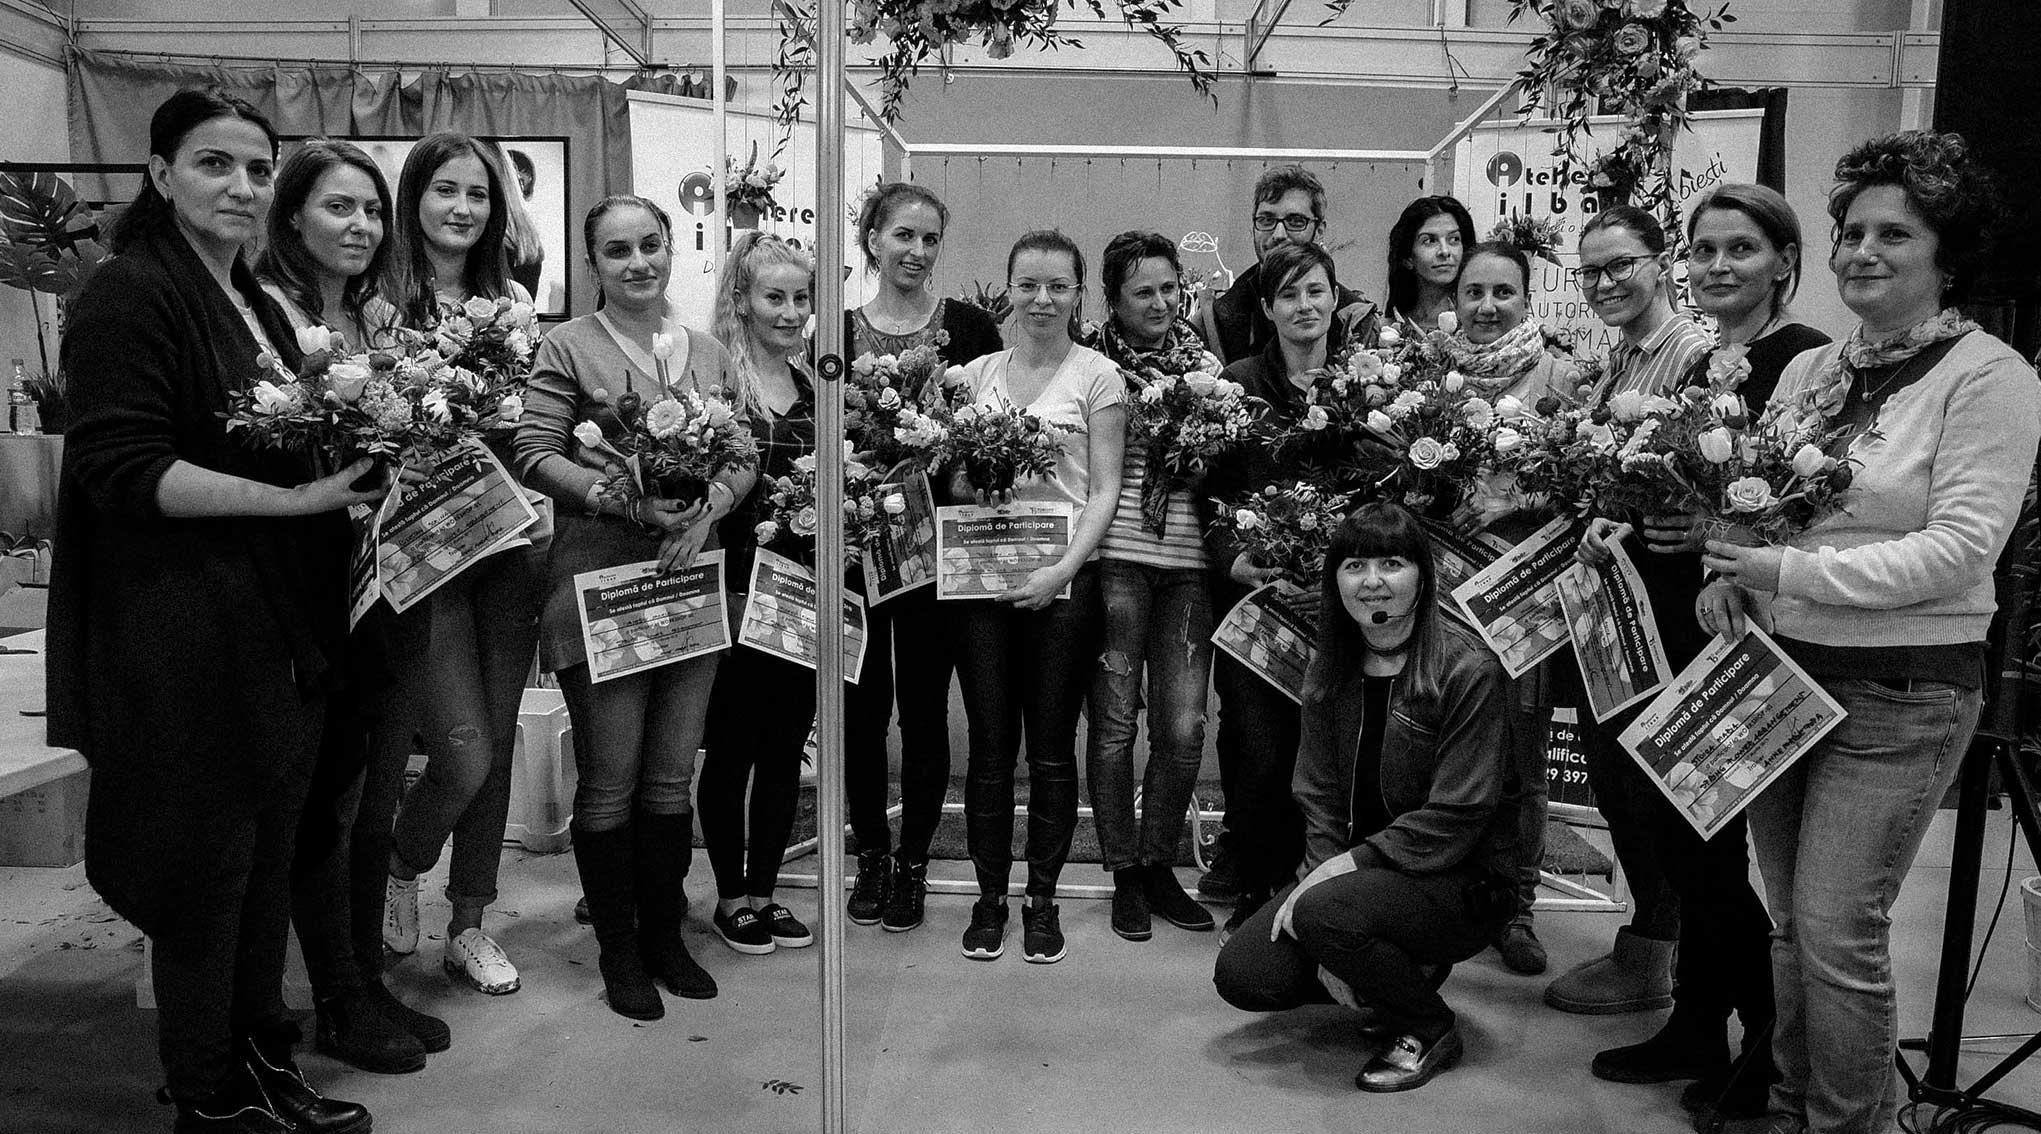 workshop-uri-demonstratii-si-conferinte-marca-atelierele-ilbah-pe-parcursul-a-4-zile-in-cadrul-romexpo-58